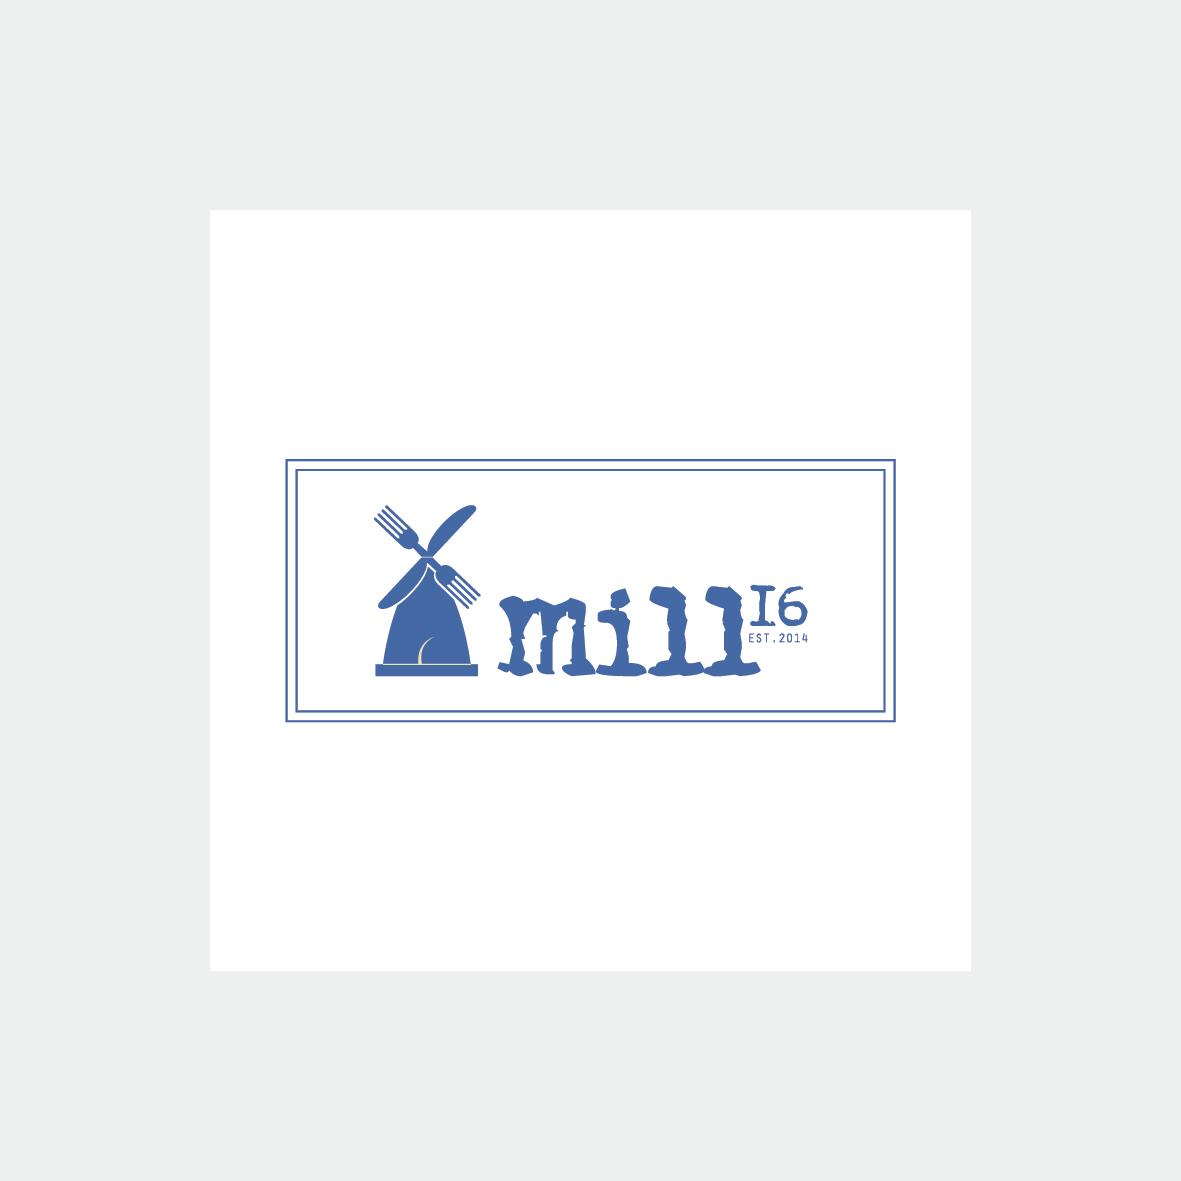 mille 16 restaurant logo coffeeandesigns salerno